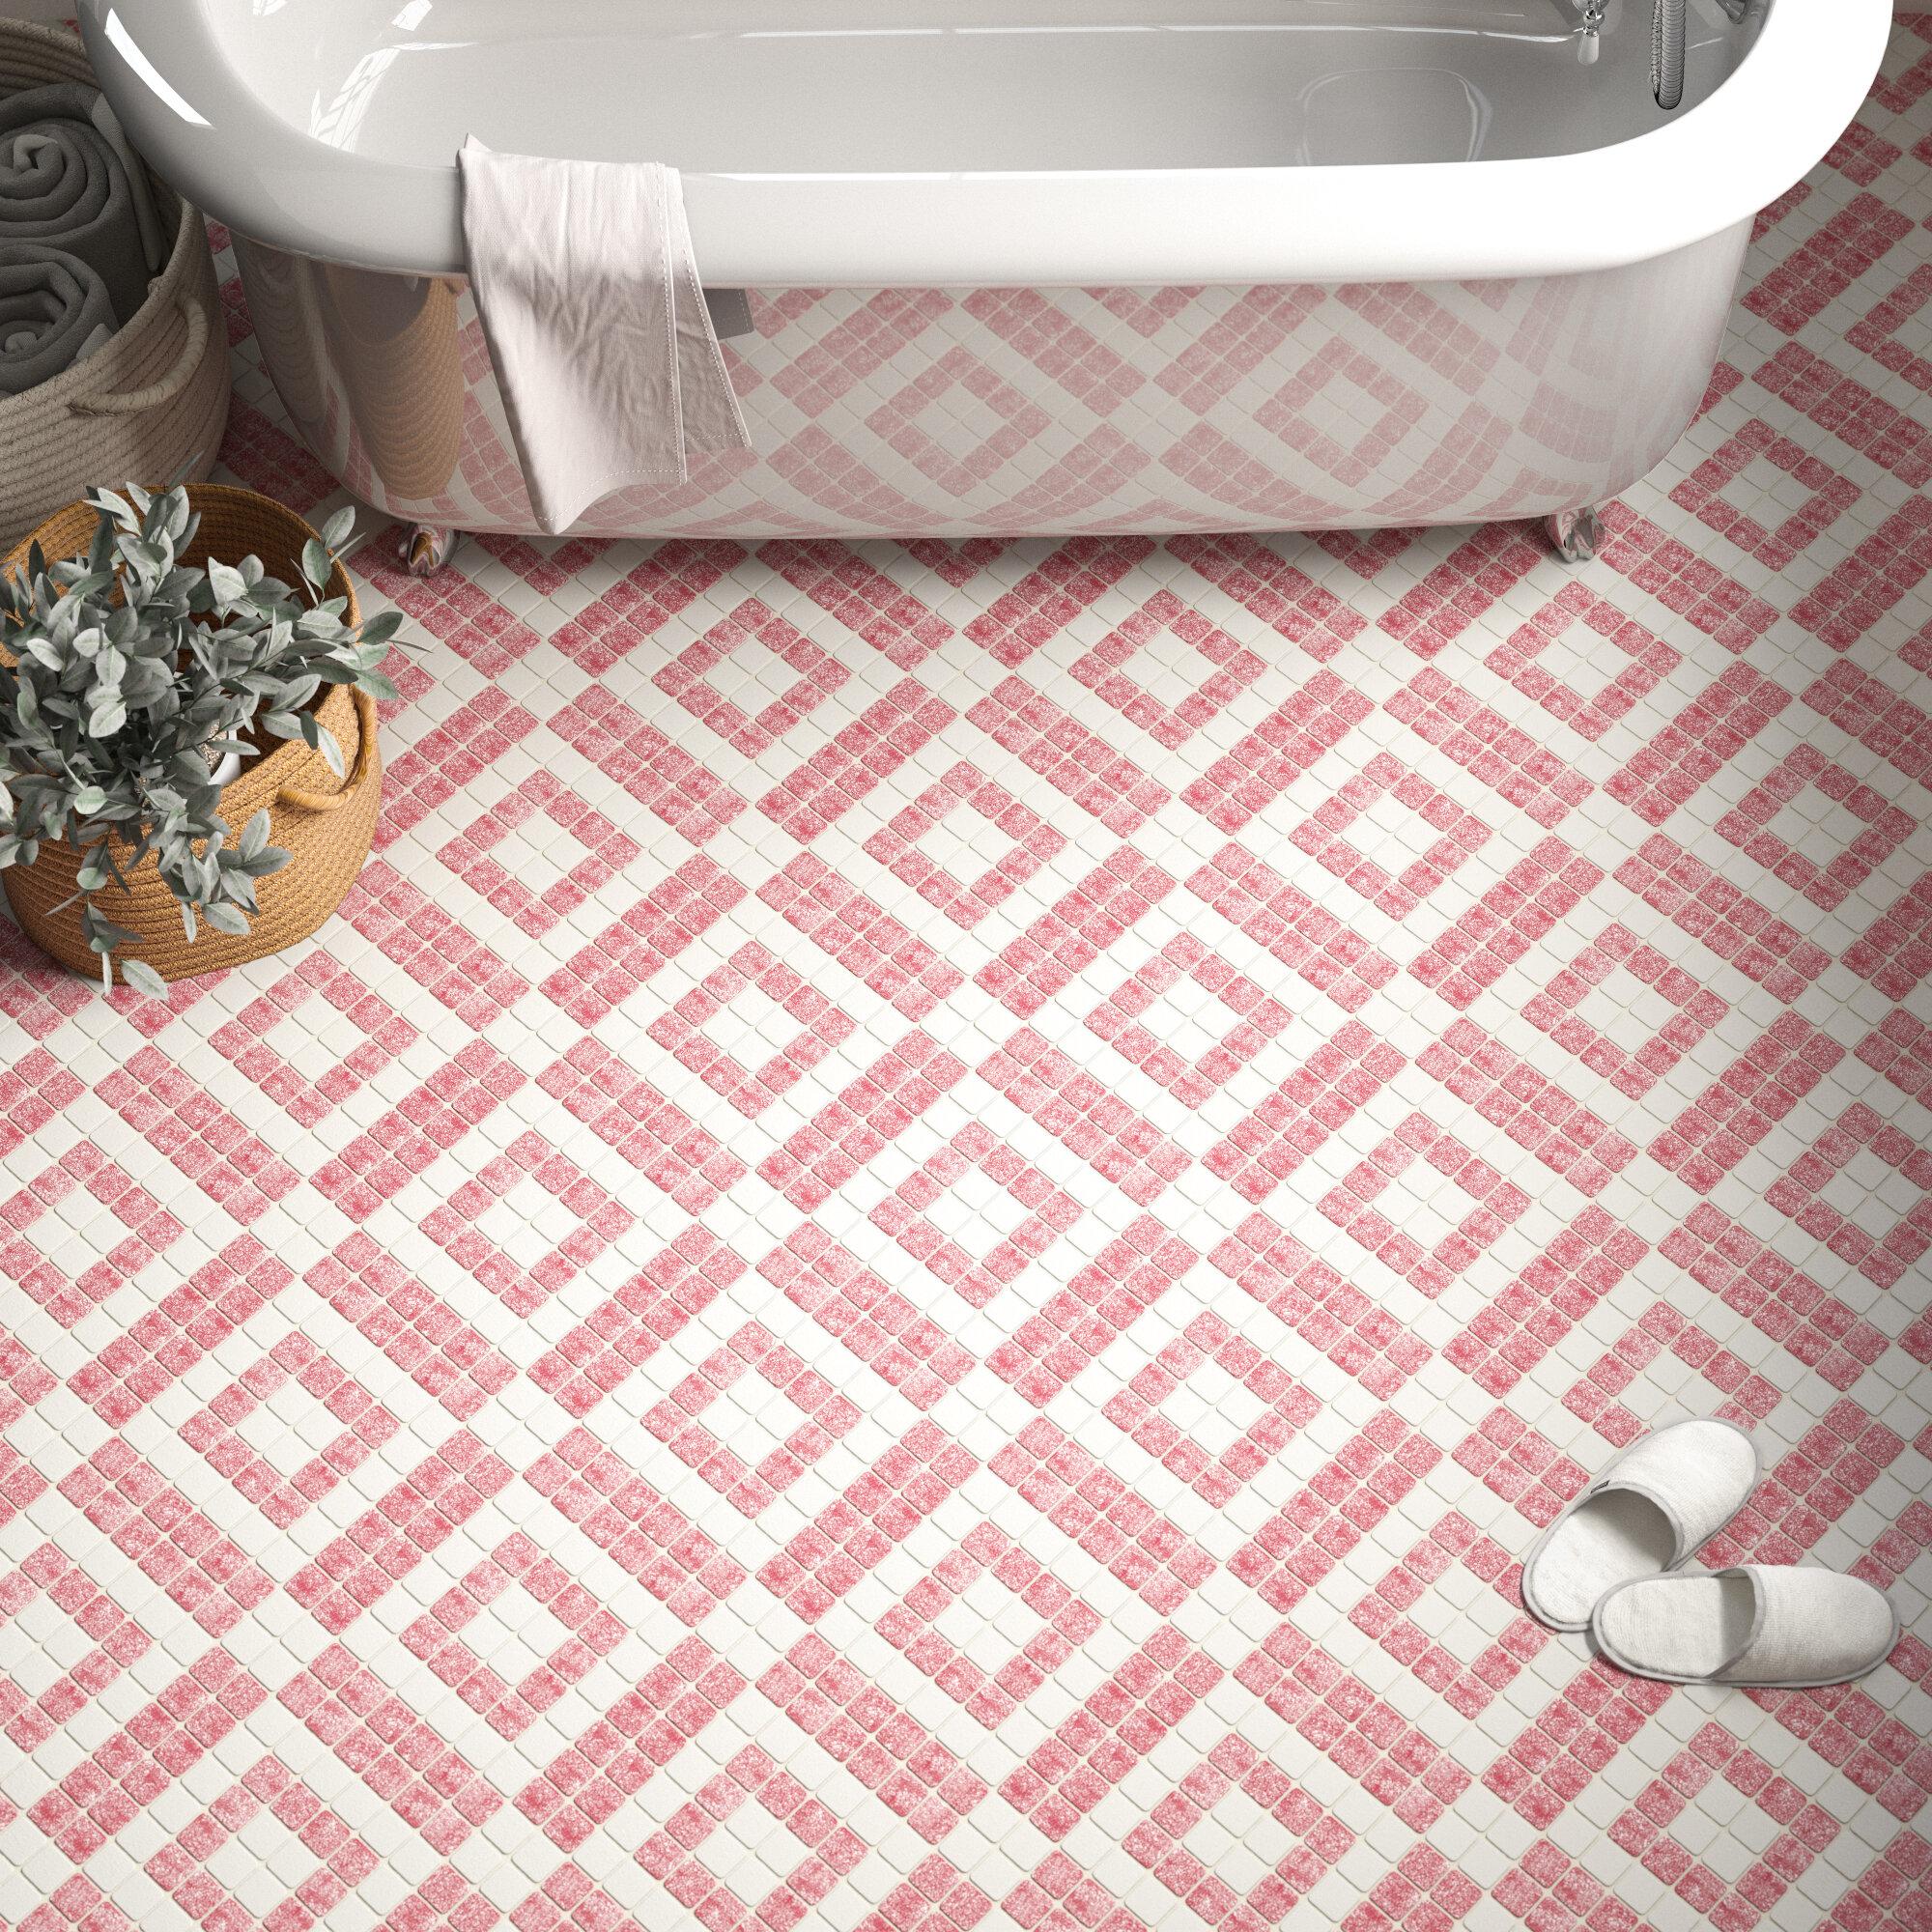 Pink Floor Tiles Wall Tiles You Ll Love In 2021 Wayfair